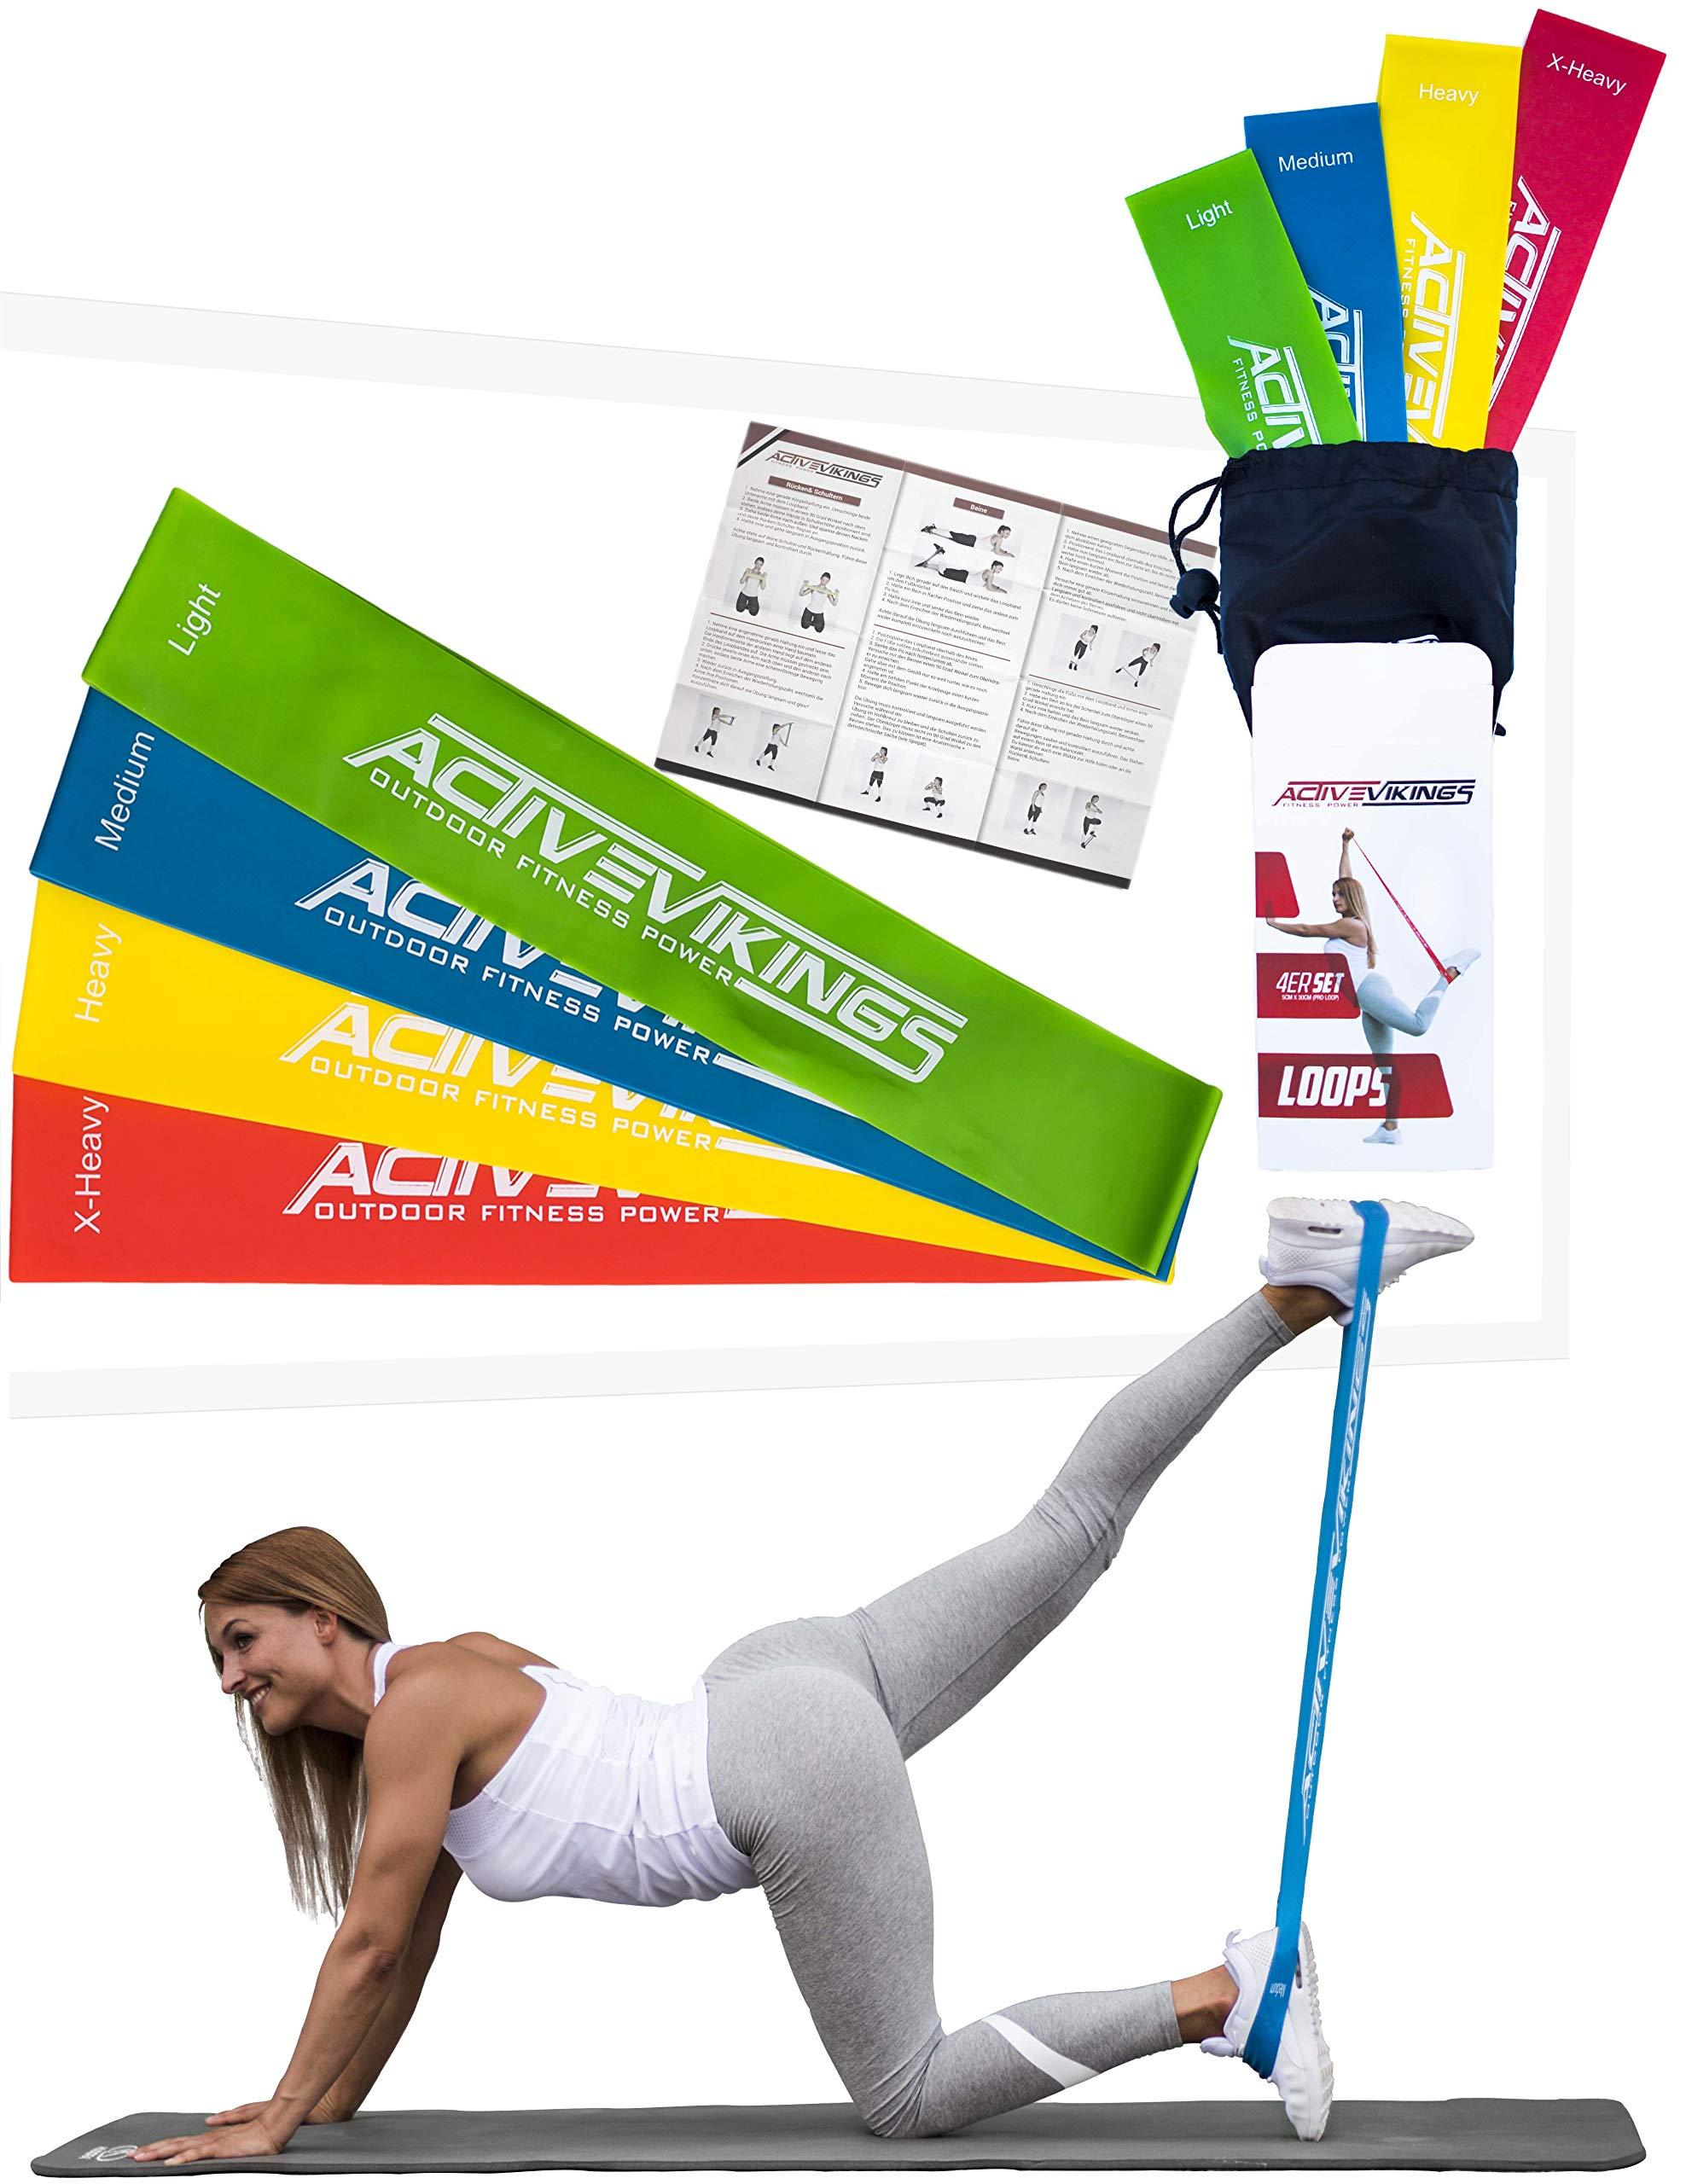 Ordentlich Körper Fuß Pflege Training-tool Elastische Spannung Resistance Band Set Tragen Tasche Haut Pflege Werkzeuge Fußpflege-utensil